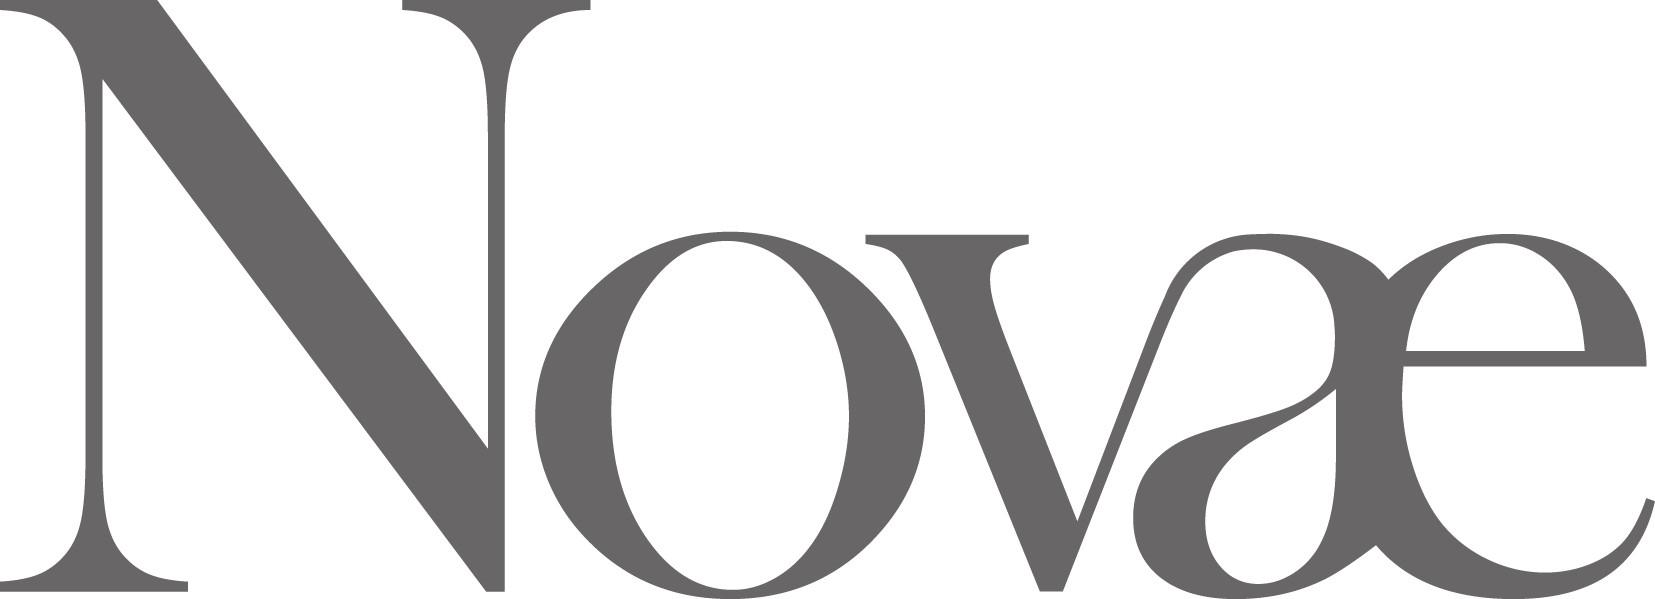 novae-group-plc-nva-stock-rating-reaffirmed-by-peel-hunt.jpg